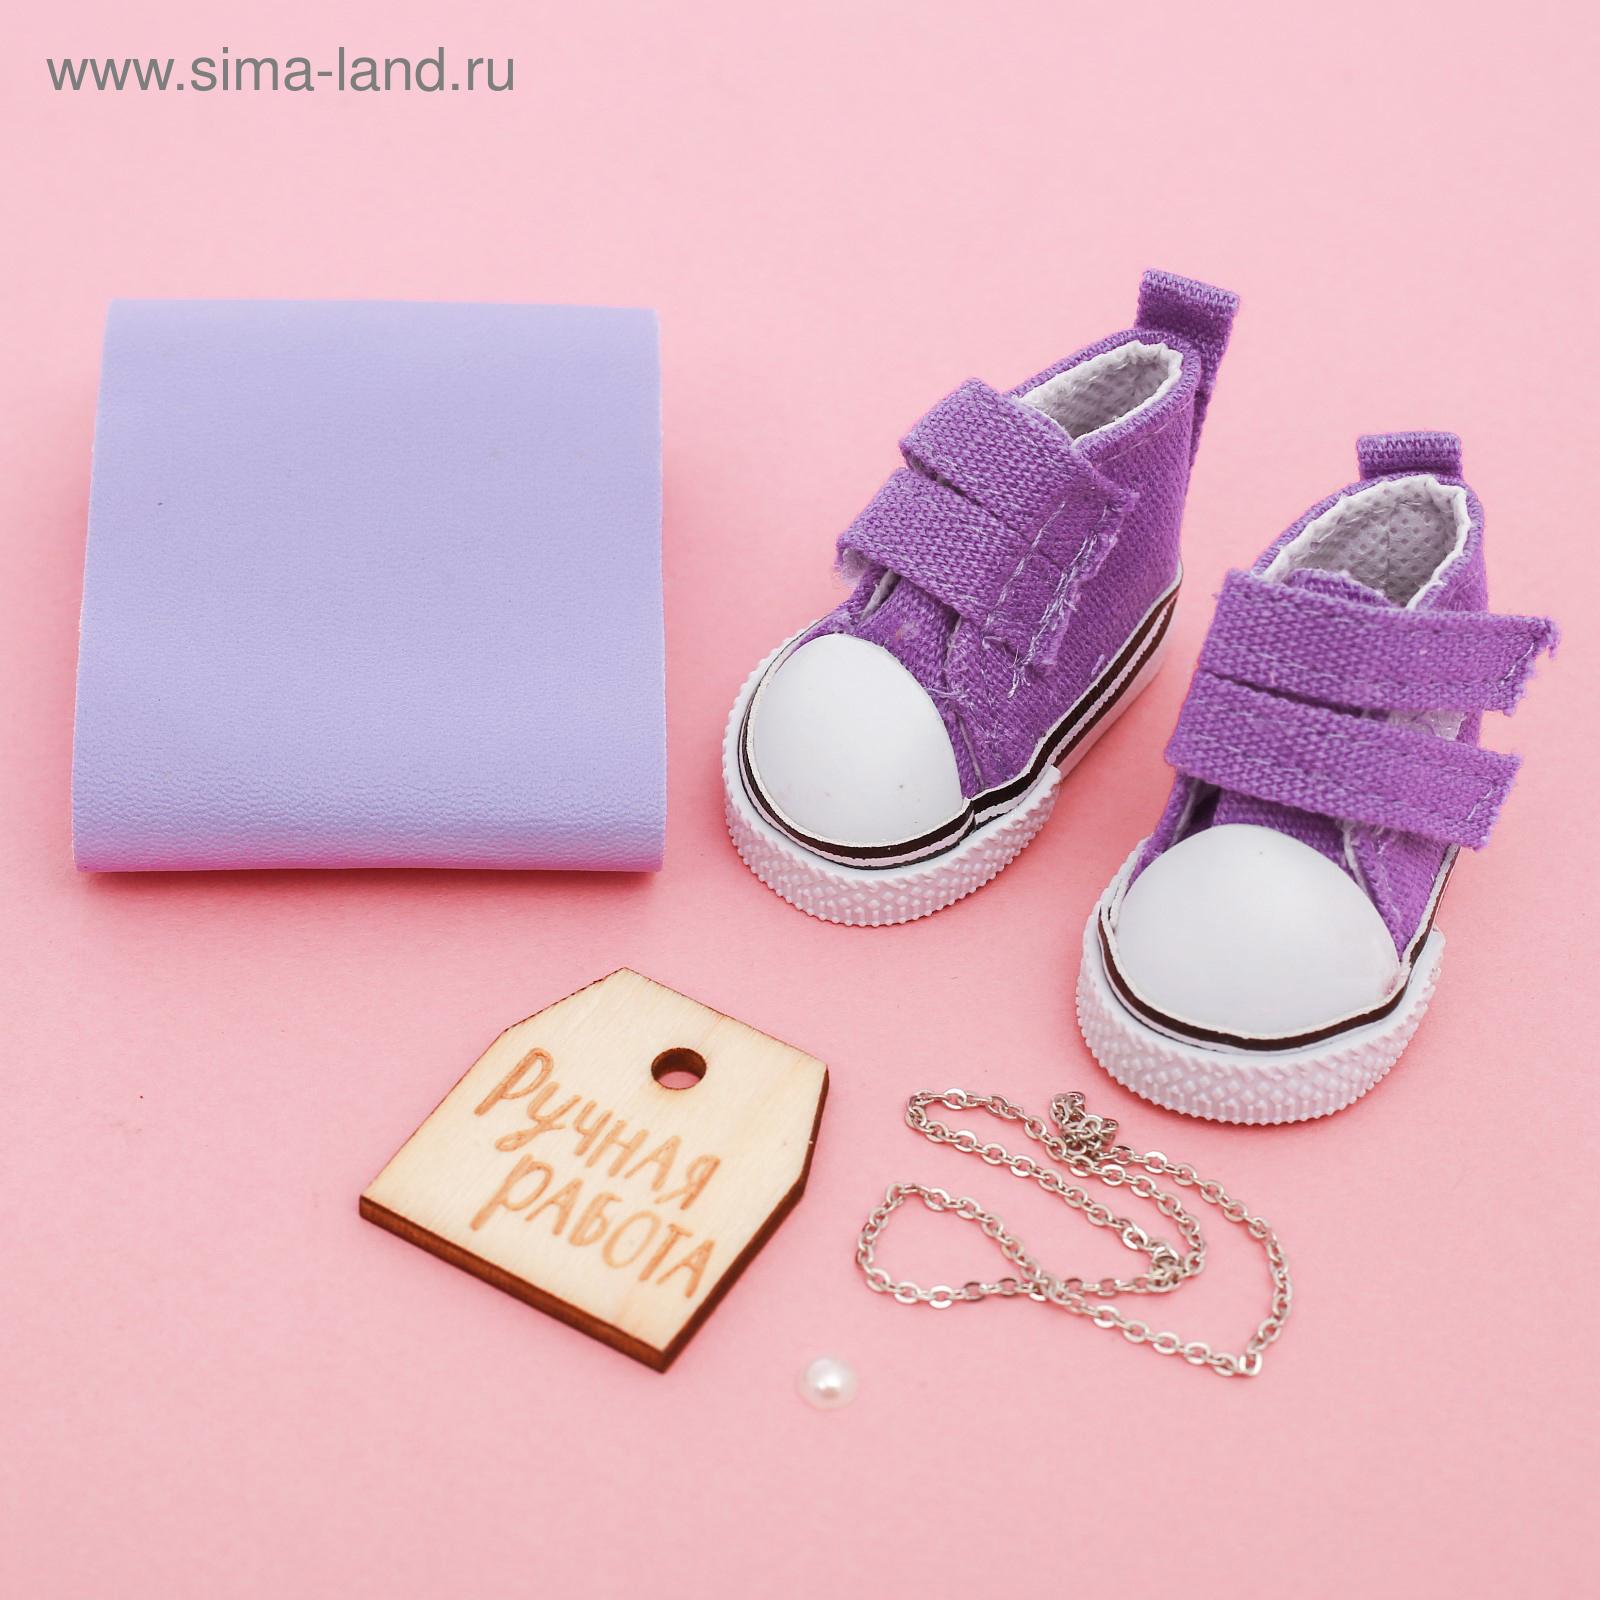 588f8a4c3357 Кеды для куклы и набор по созданию сумочки «Милая незабудка», 9 × 4 ...